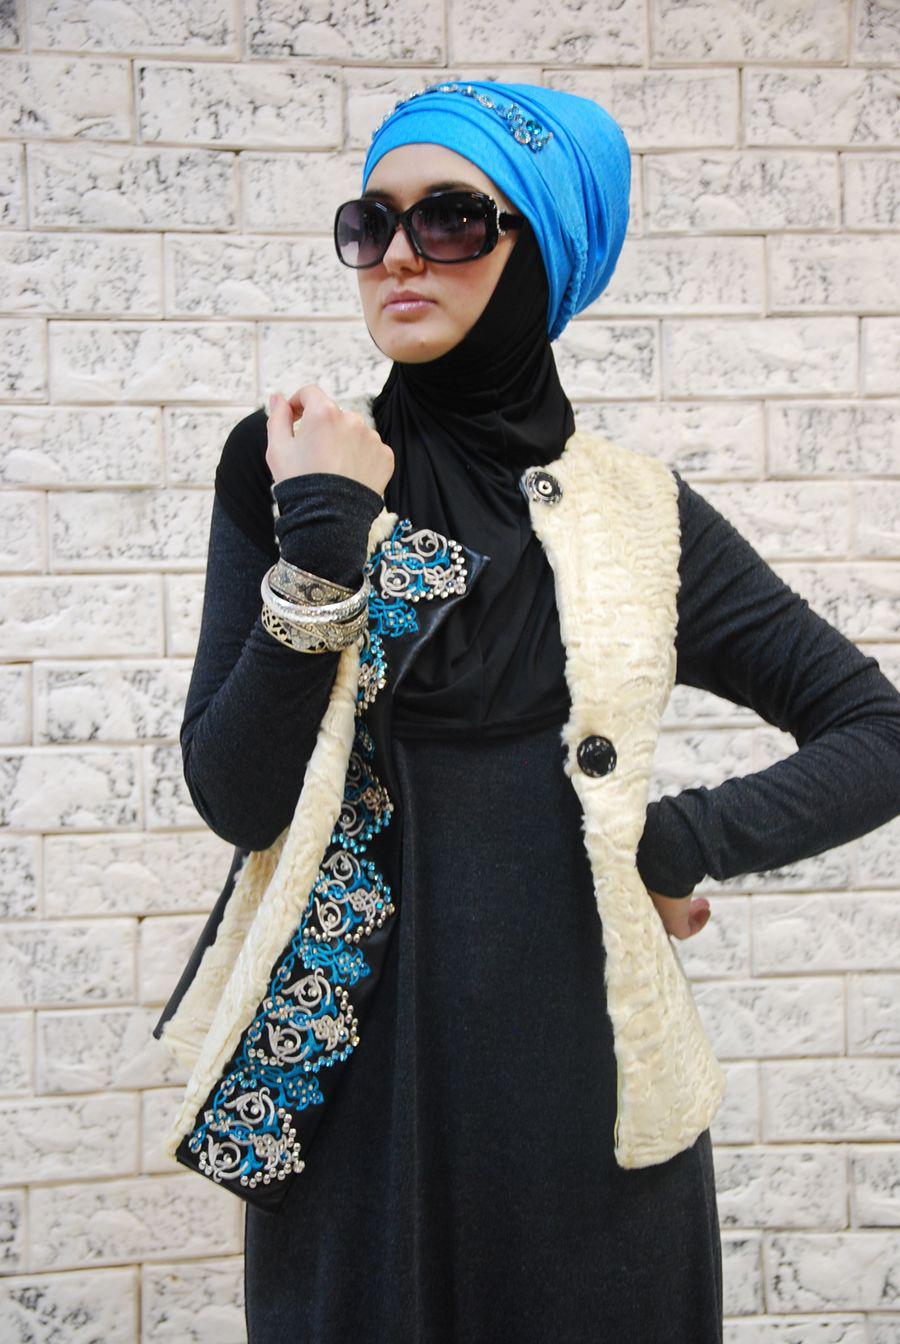 Исламская Мода Одежды Женской